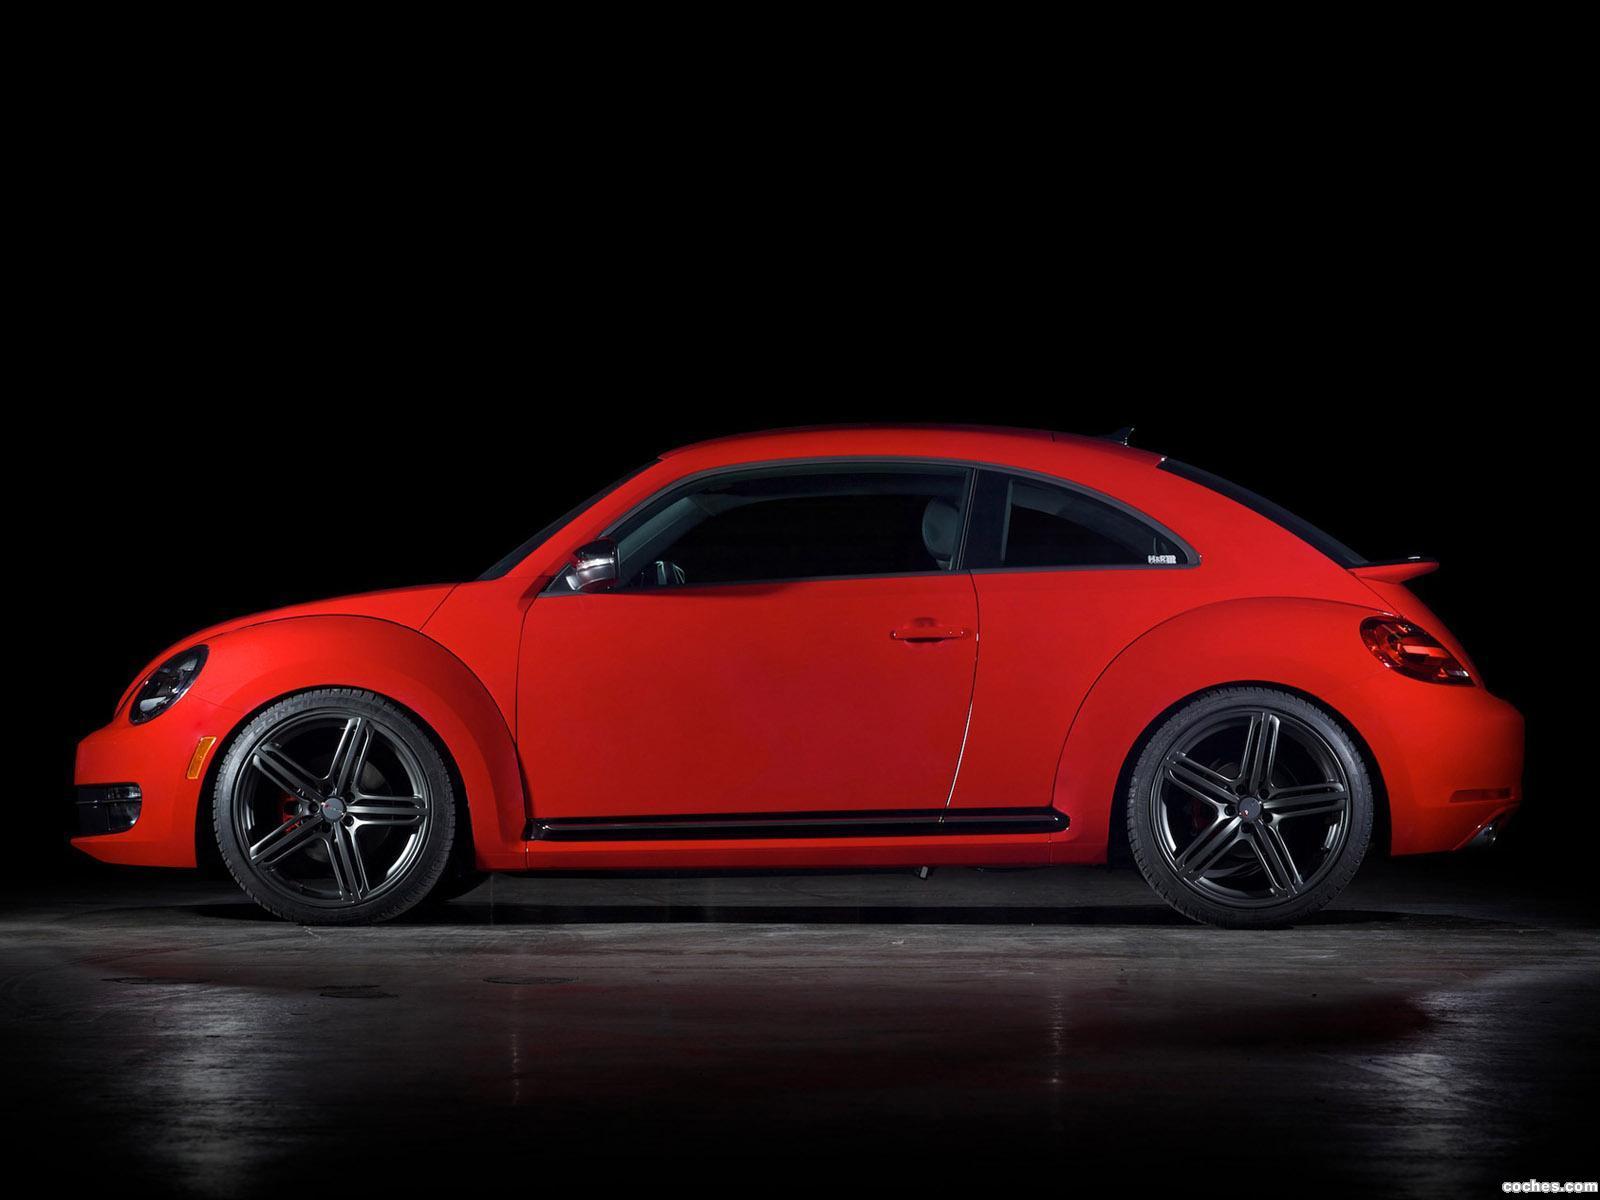 Foto 1 de H&R Volkswagen Beetle Turbo Project 2012